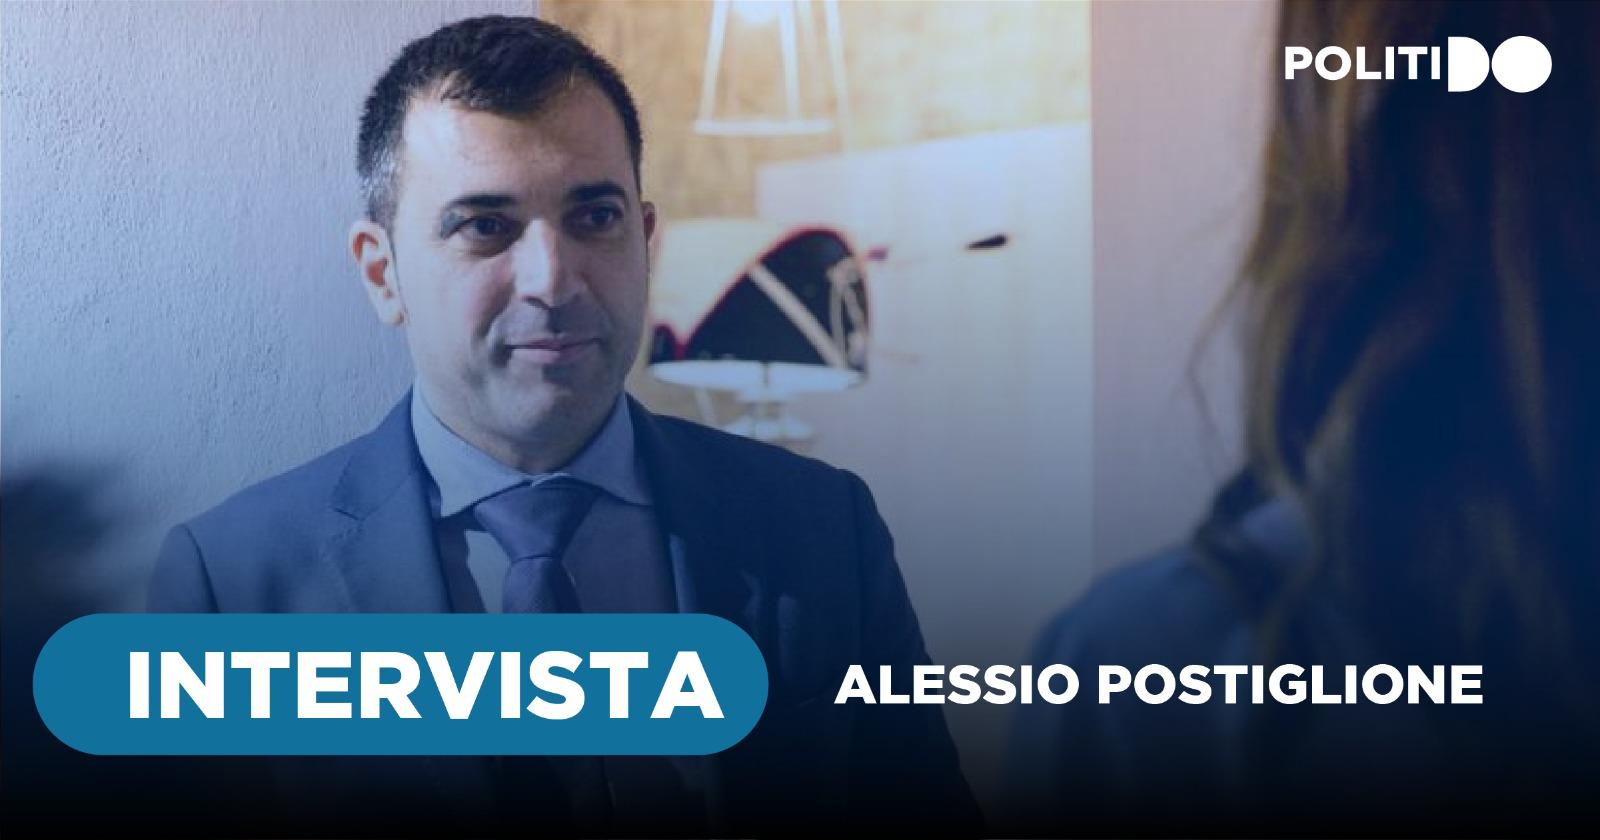 Comunicazione politica, intervista ad Alessio Postiglione